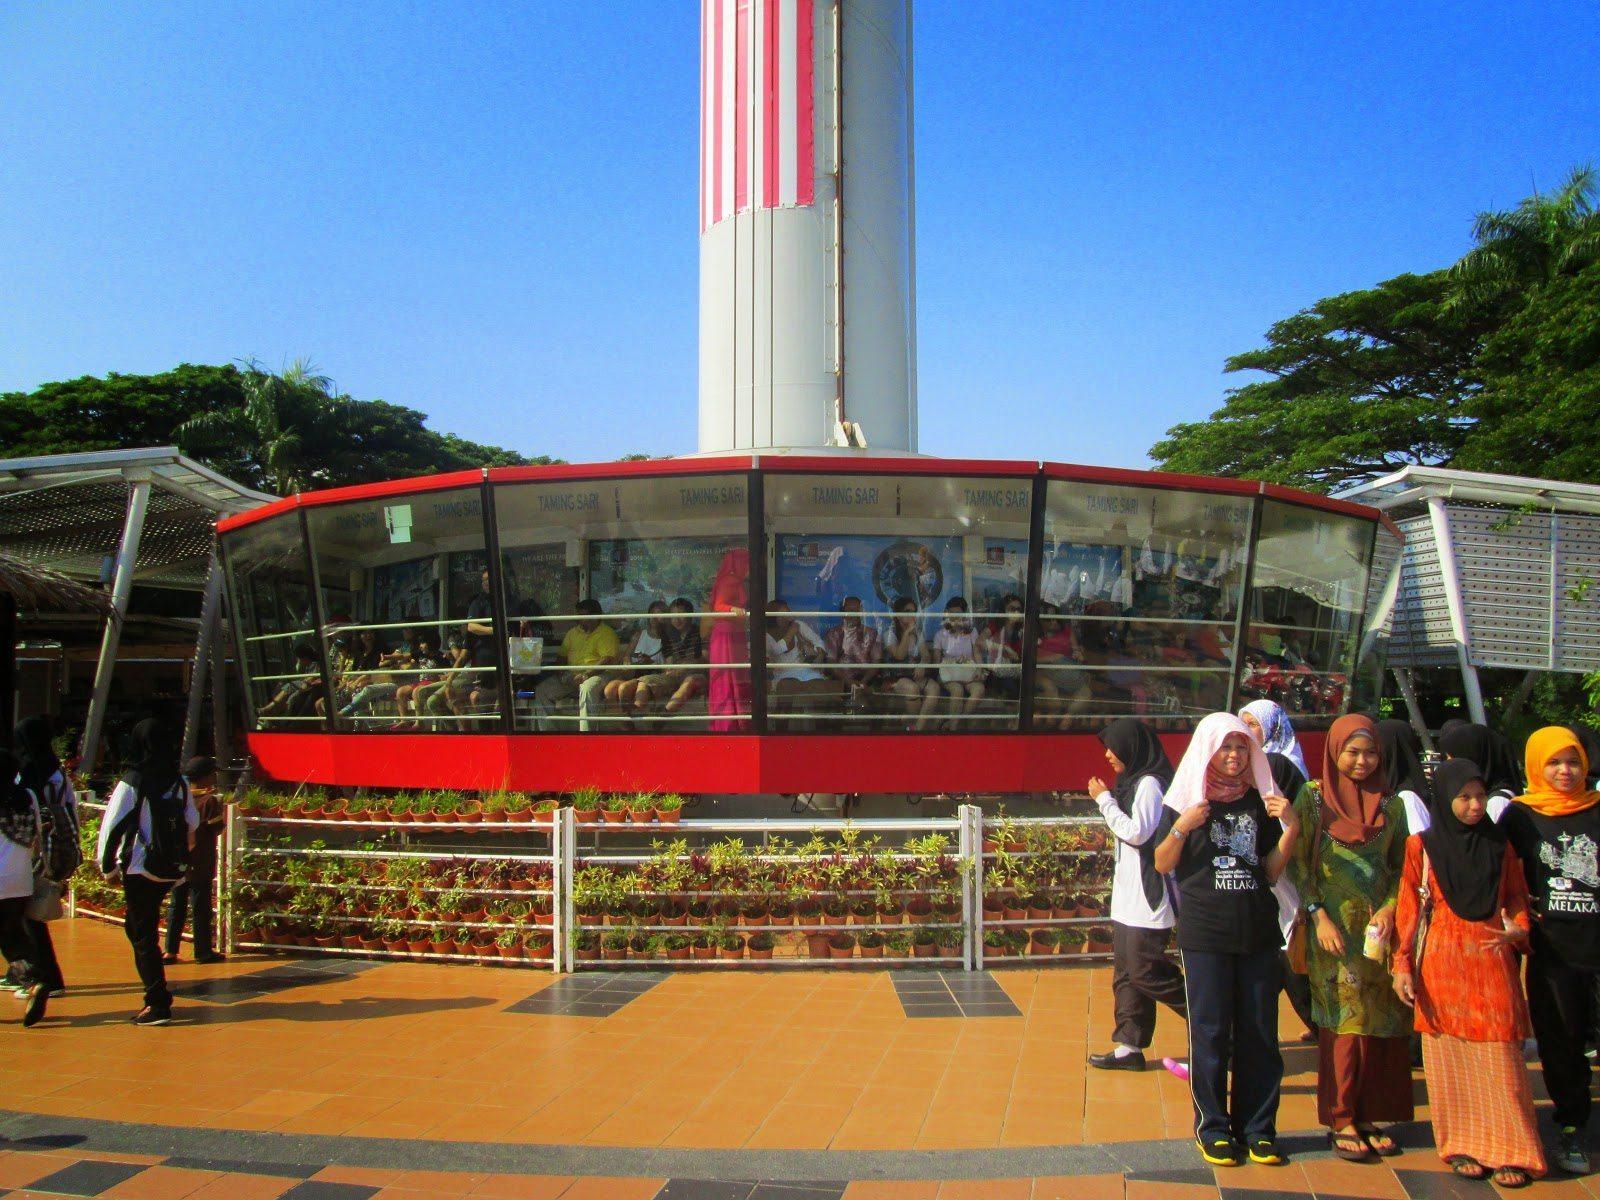 منارة تامنج ساري في ملاكا ماليزيا